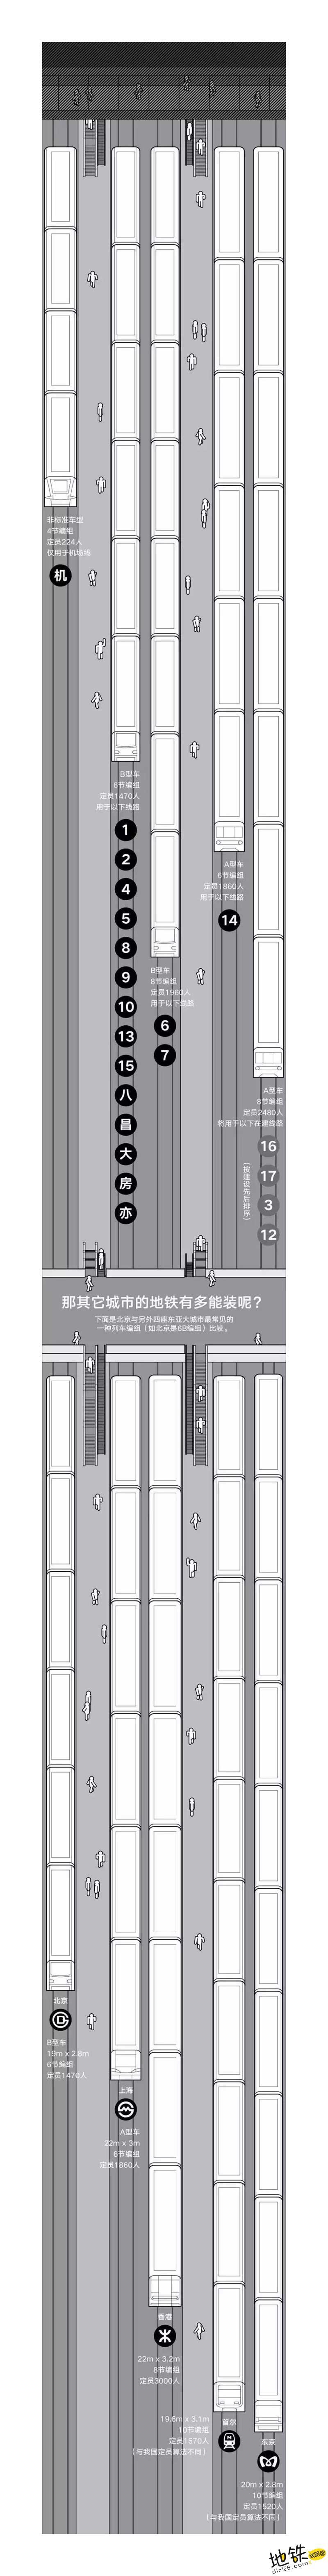 帝都地铁这么挤,它脱不了干系 发车间隔 车厢 列车 北京地铁 轨道动态  第3张